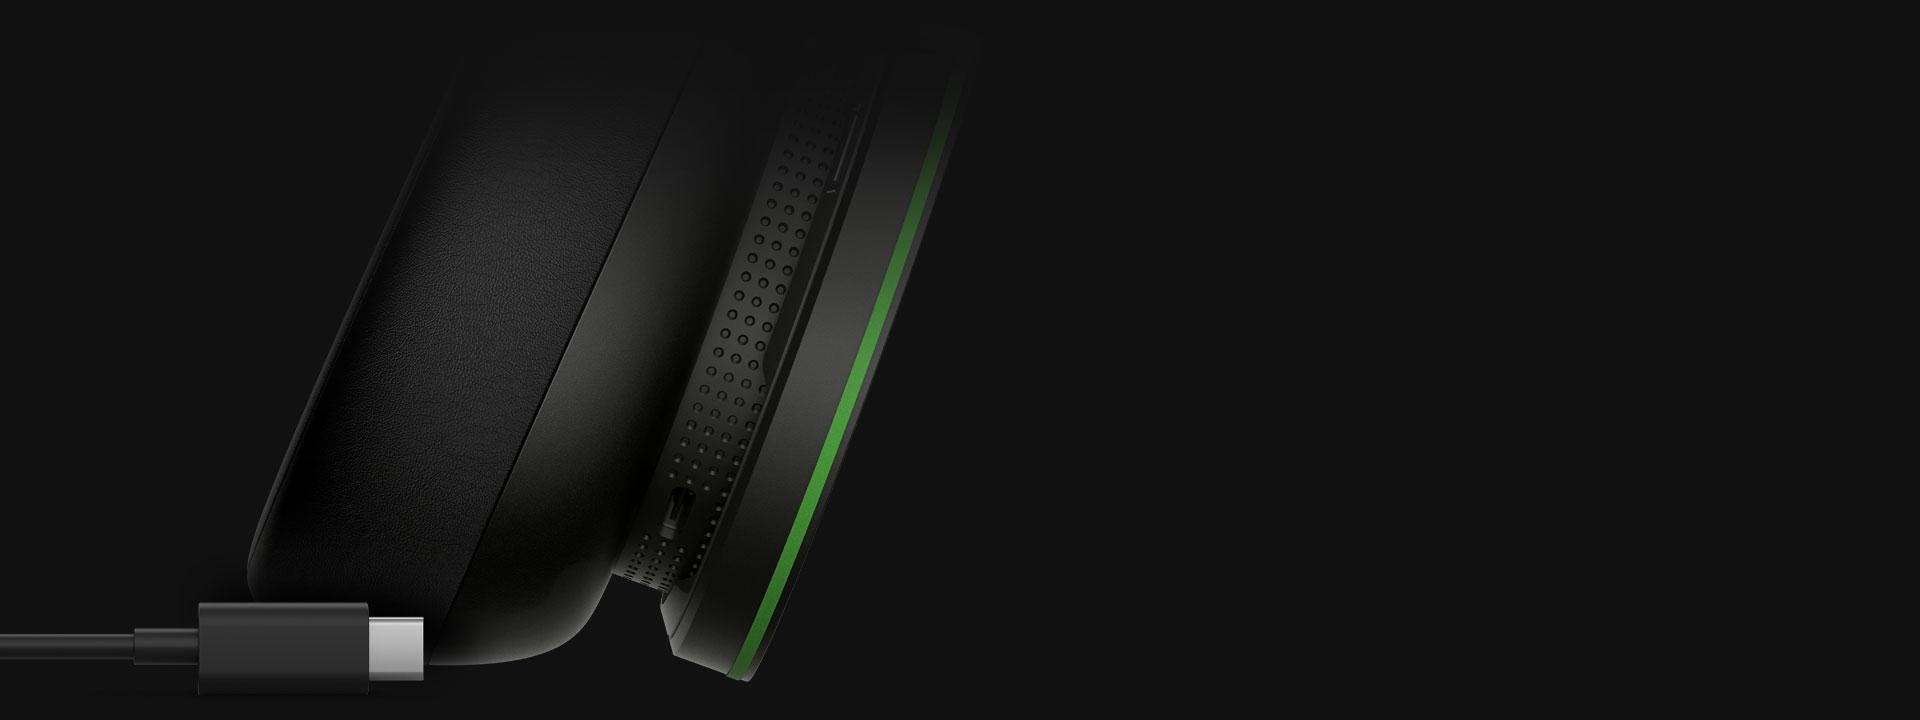 Primer plano de un cable USB-C con el puerto USB-C de los Audifonos inalámbricos Xbox, que indica que la batería interna se puede recargar con un cable USB-C.